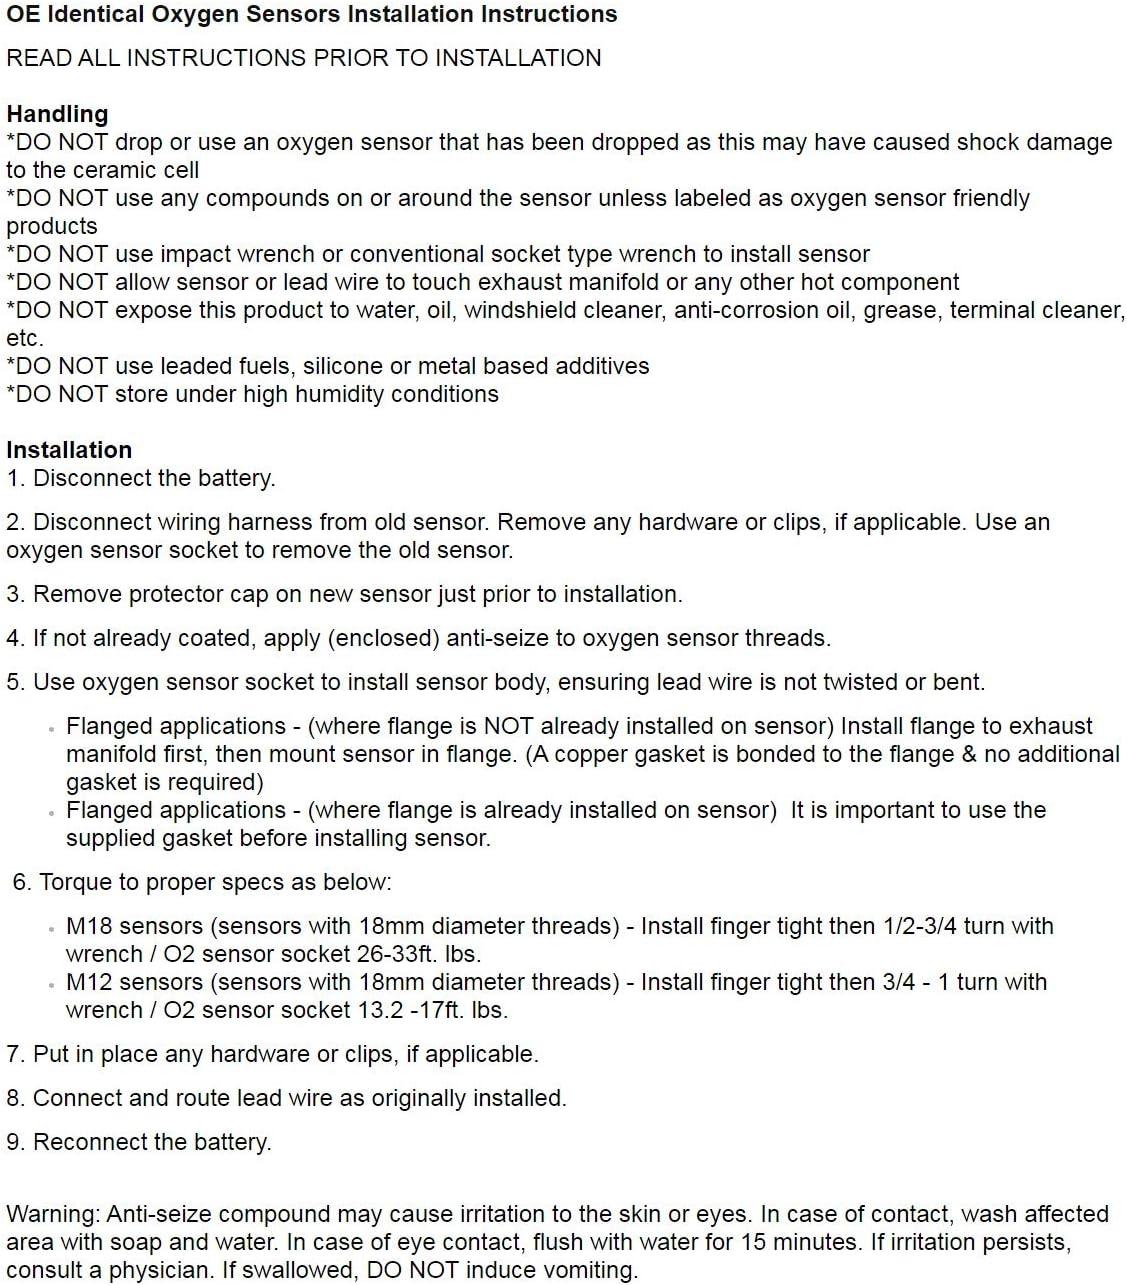 Sensor Compatible with 05-06 E320 // 07-09 CLK63 AMG 06-16 Z4 // 07-10 X5 X3 // 06-07 530XI 530I // 08 528XI // 09-10 528I XDRIVE // 08-10 528I // 06-07 525XI 525I UPSTREAM LEFT Oxygen O2